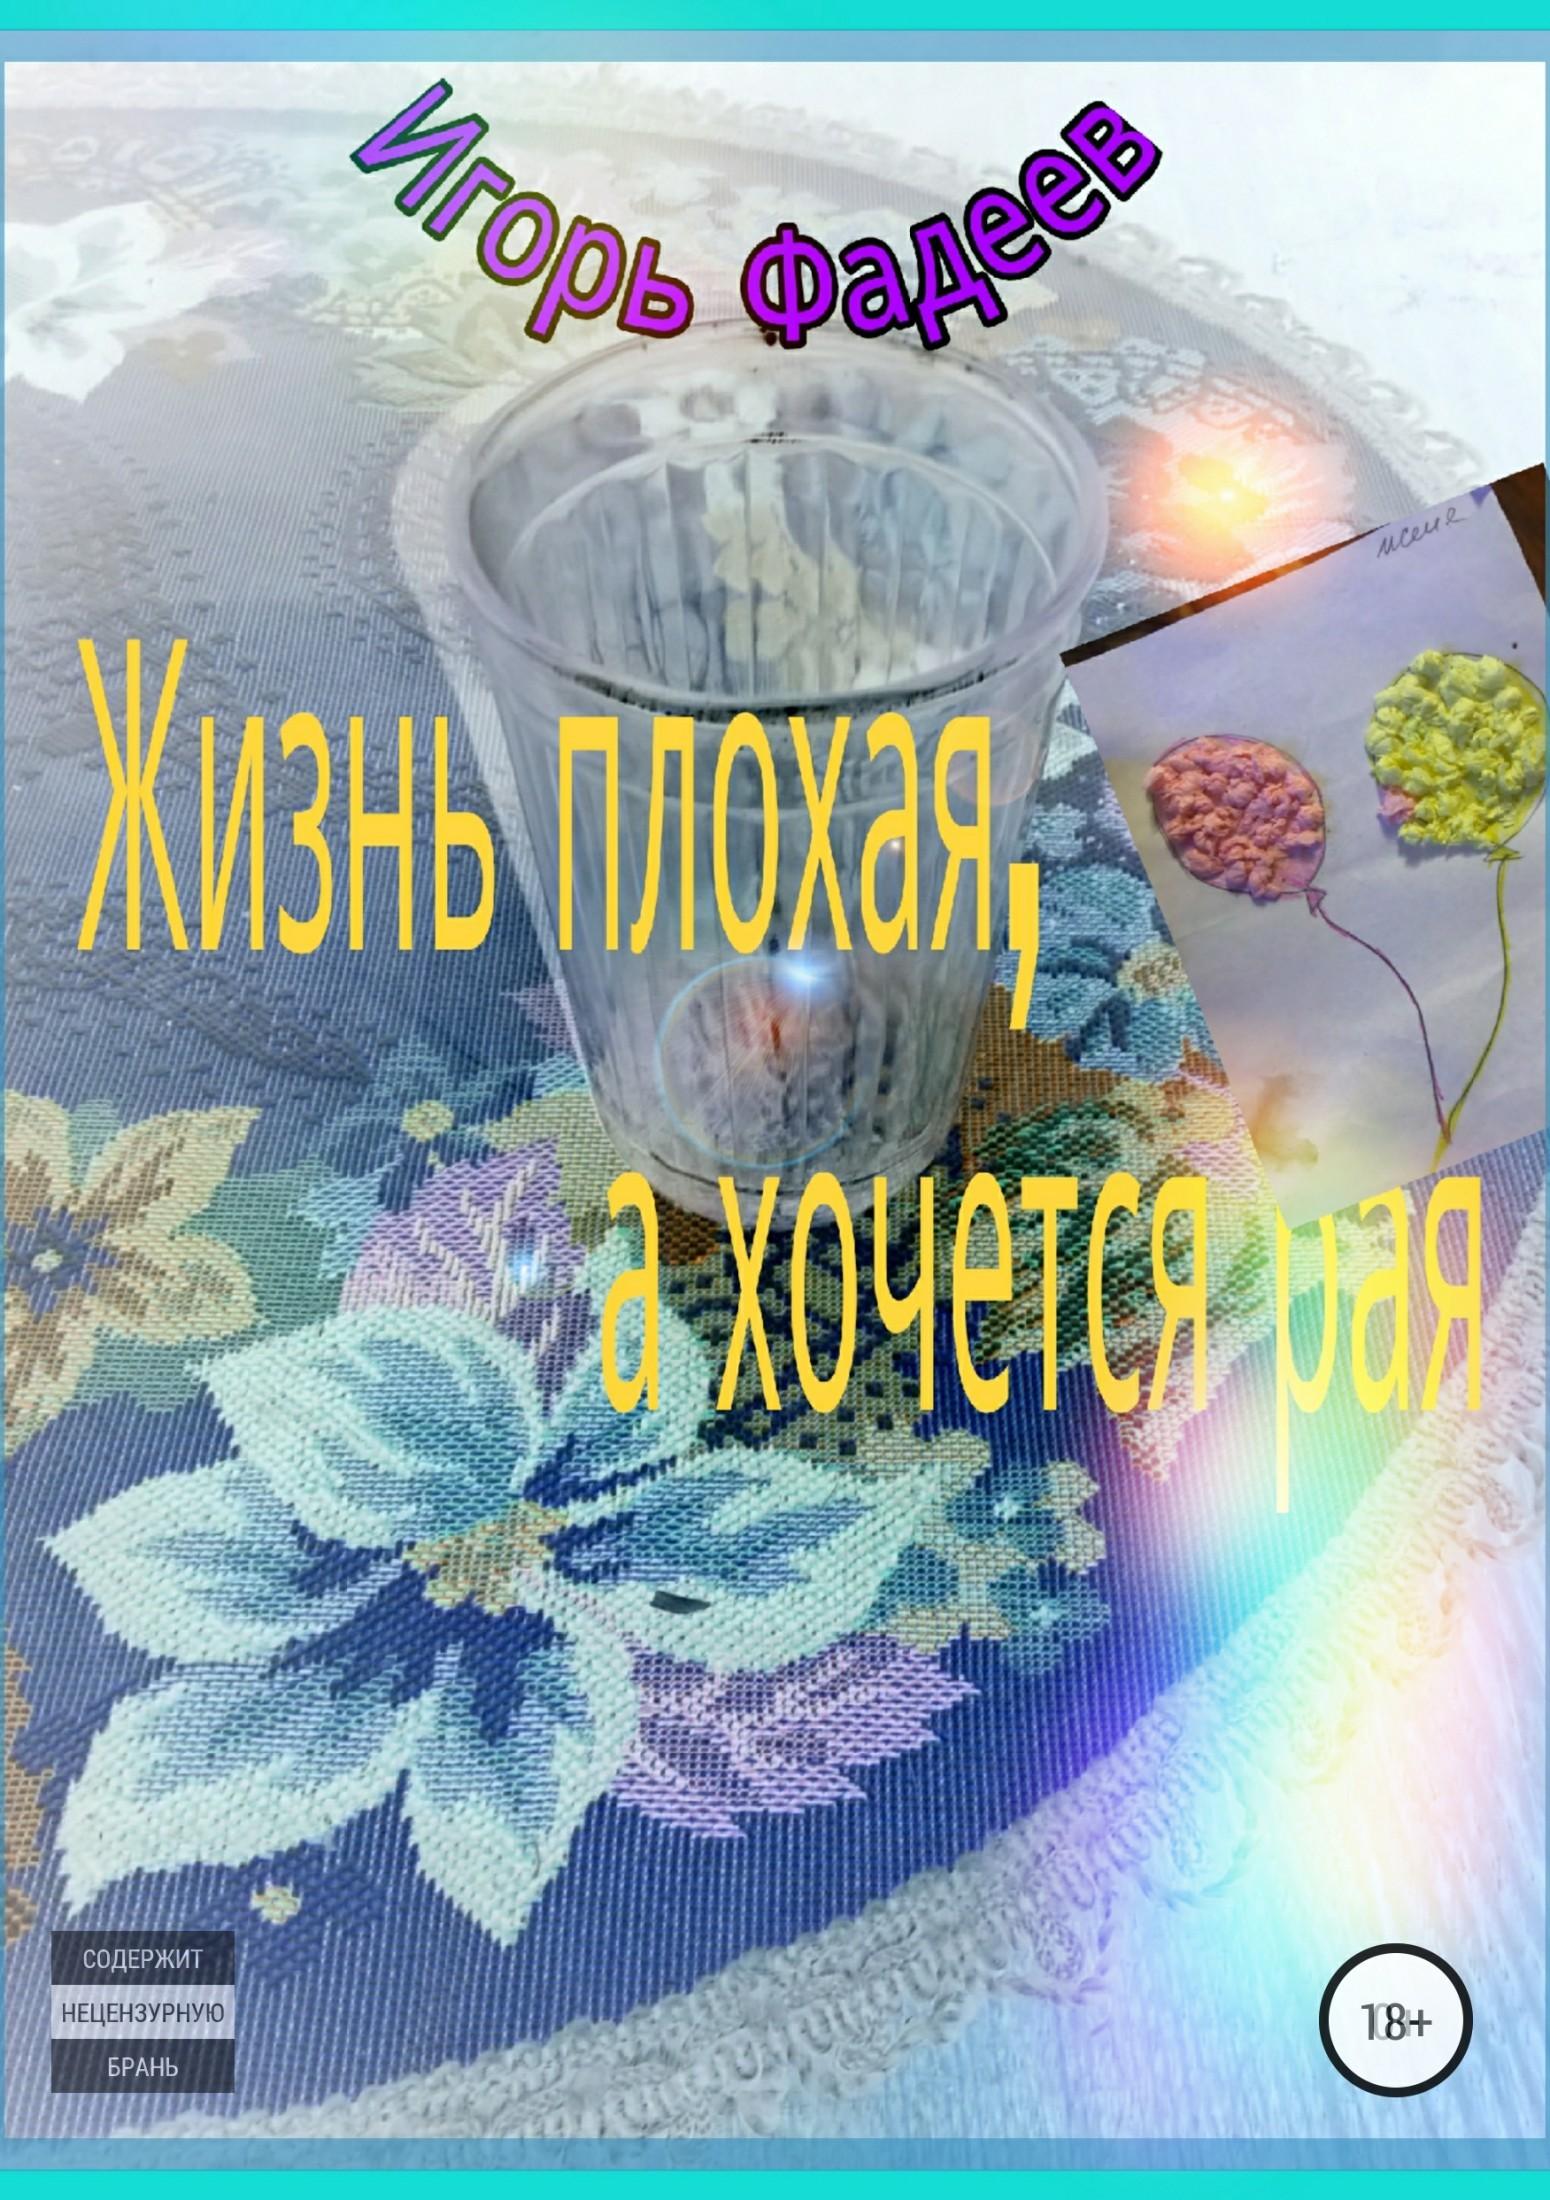 Игорь Алексеевич Фадеев Жизнь плохая, а хочется рая игорь алексеевич фадеев жизнь плохая а хочется рая